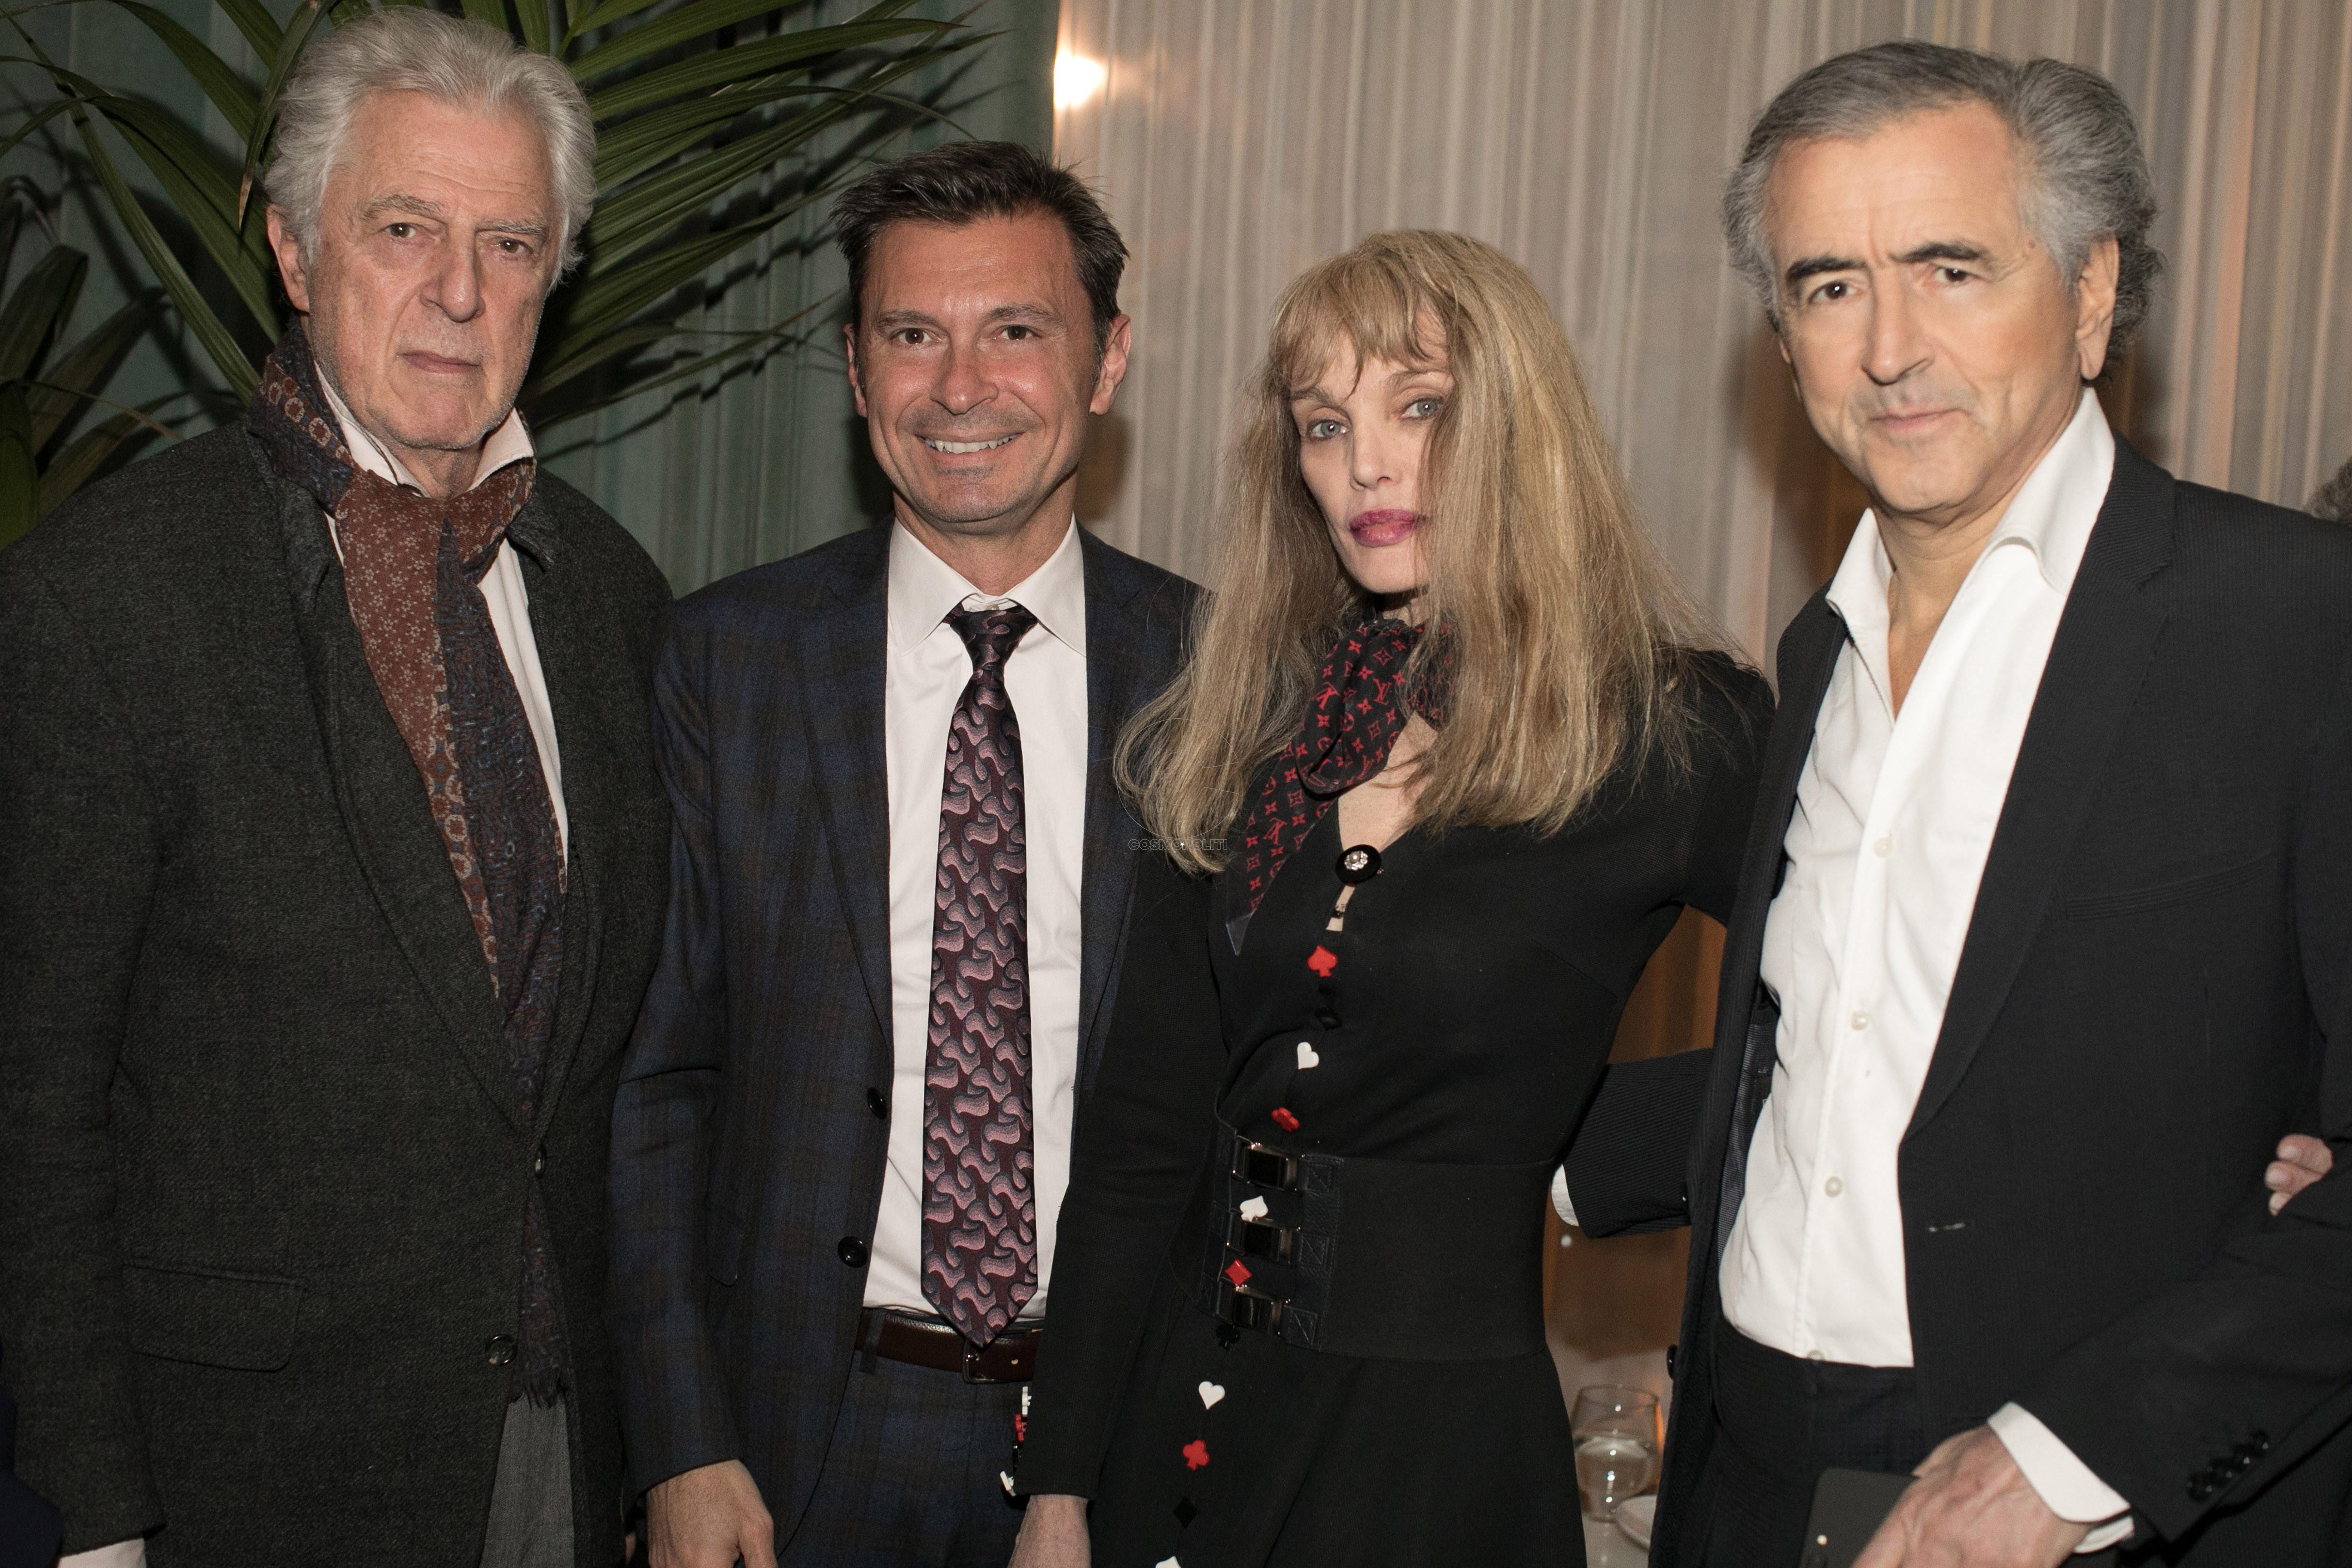 Αχιλλέας Τσάλτας, Arielle Dombasle, Bernard-Henri Lévy